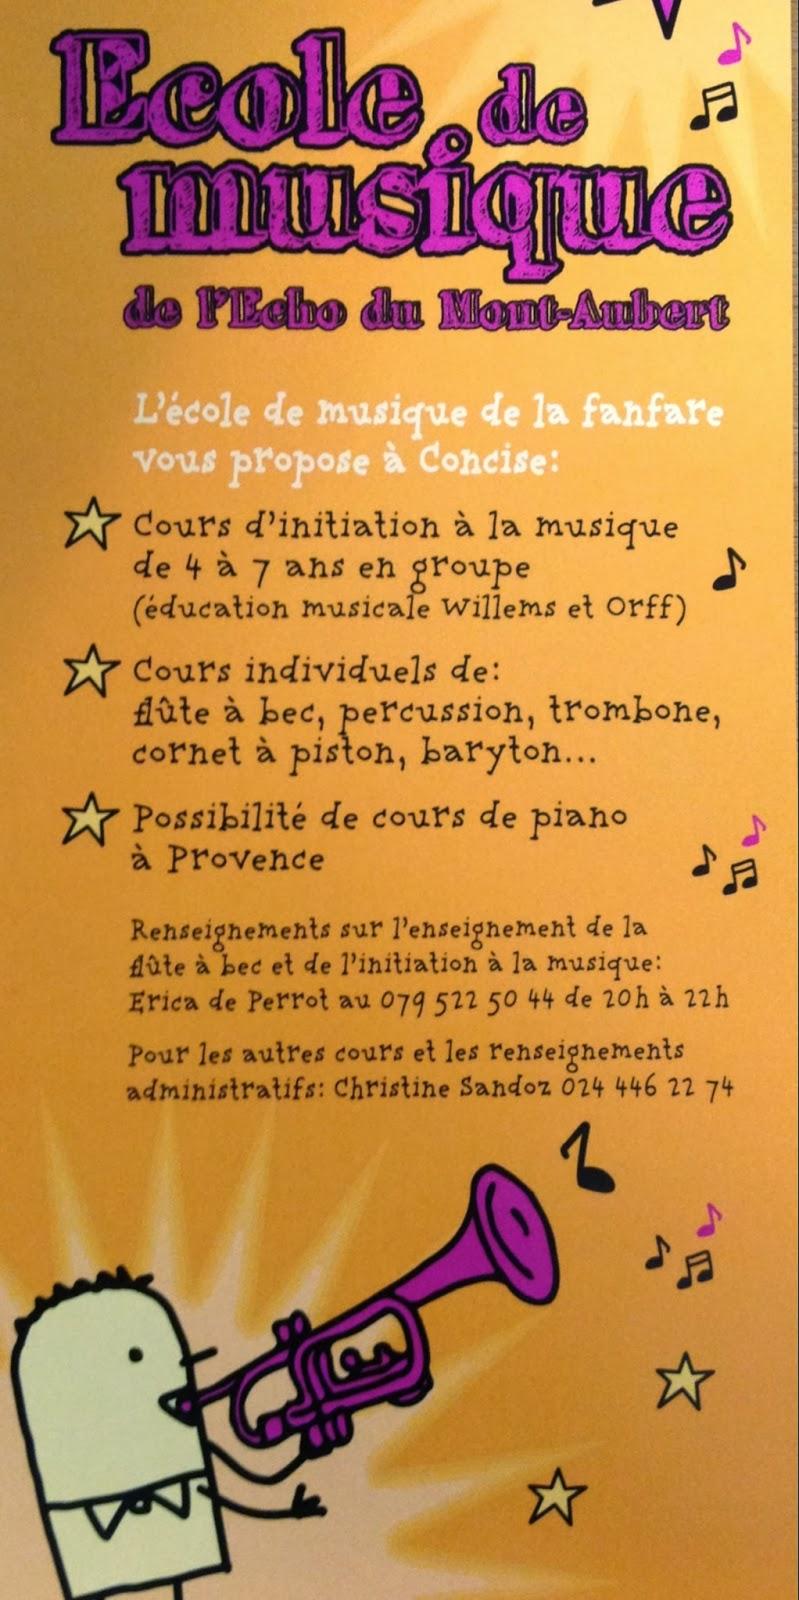 Concise, Ecole de musique, fanfare